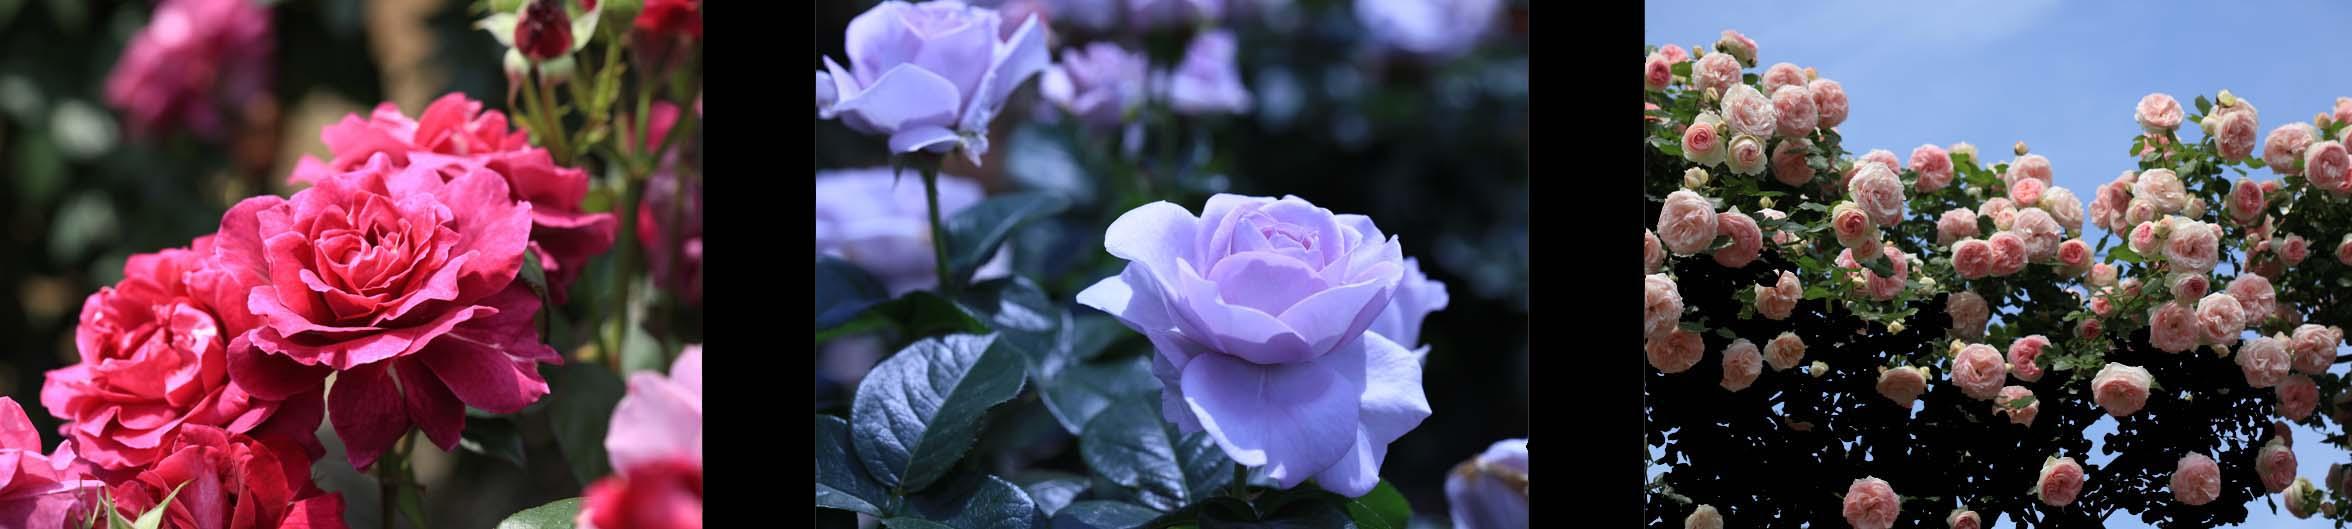 薔薇の季節♪_f0158364_14232871.jpg